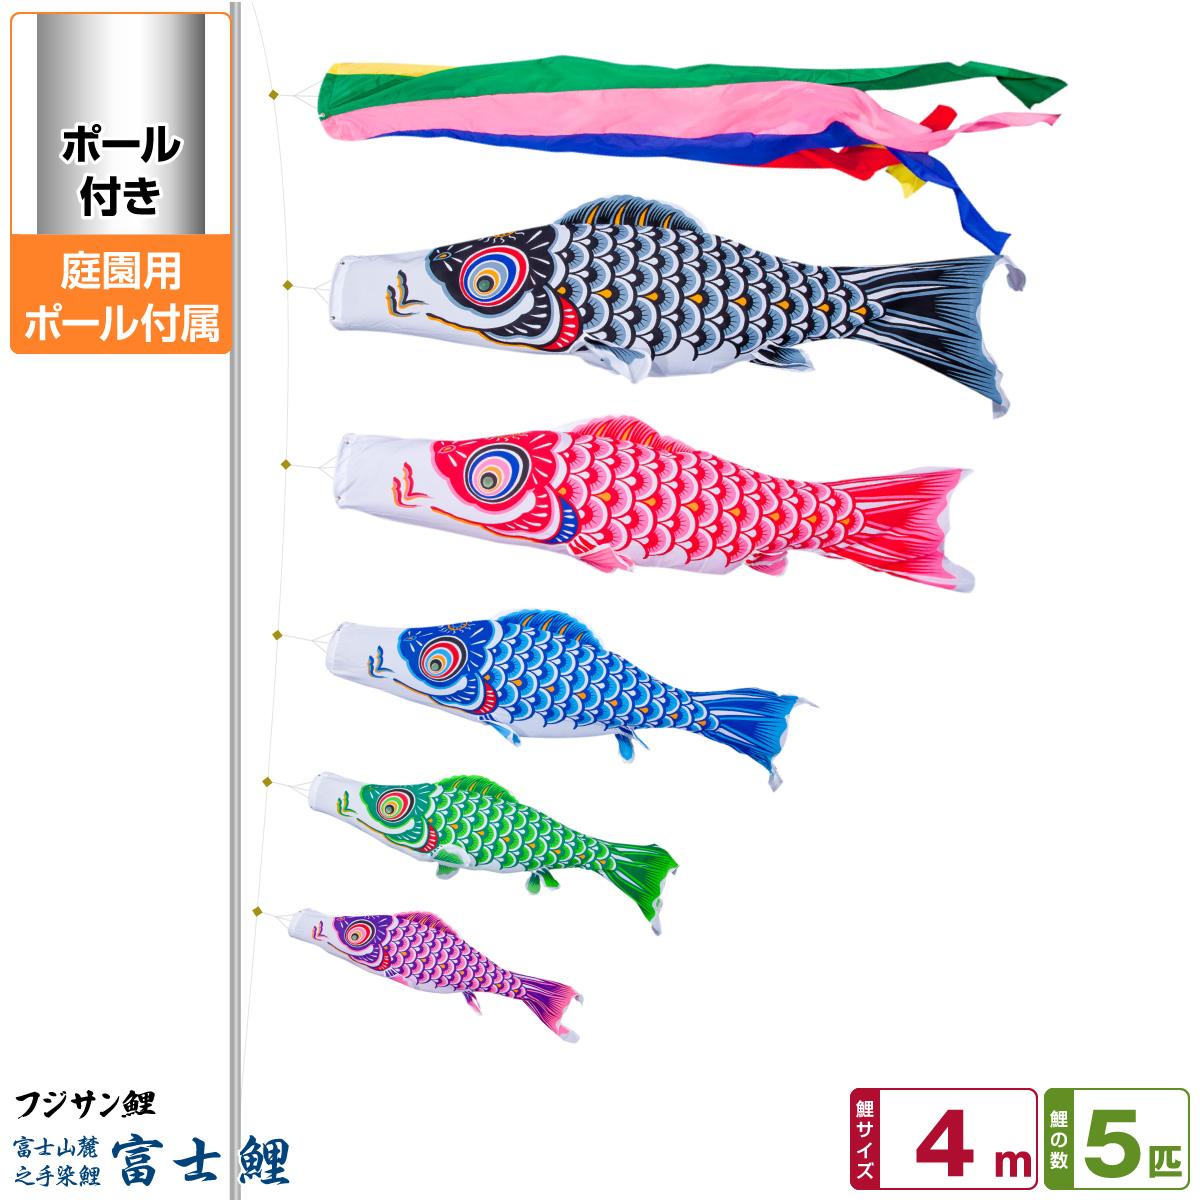 庭園用 こいのぼり 鯉のぼり フジサン鯉 富士鯉 4m 8点セット(吹流し+鯉5匹+矢車+ロープ) 庭園 ポール付属 ガーデンセット